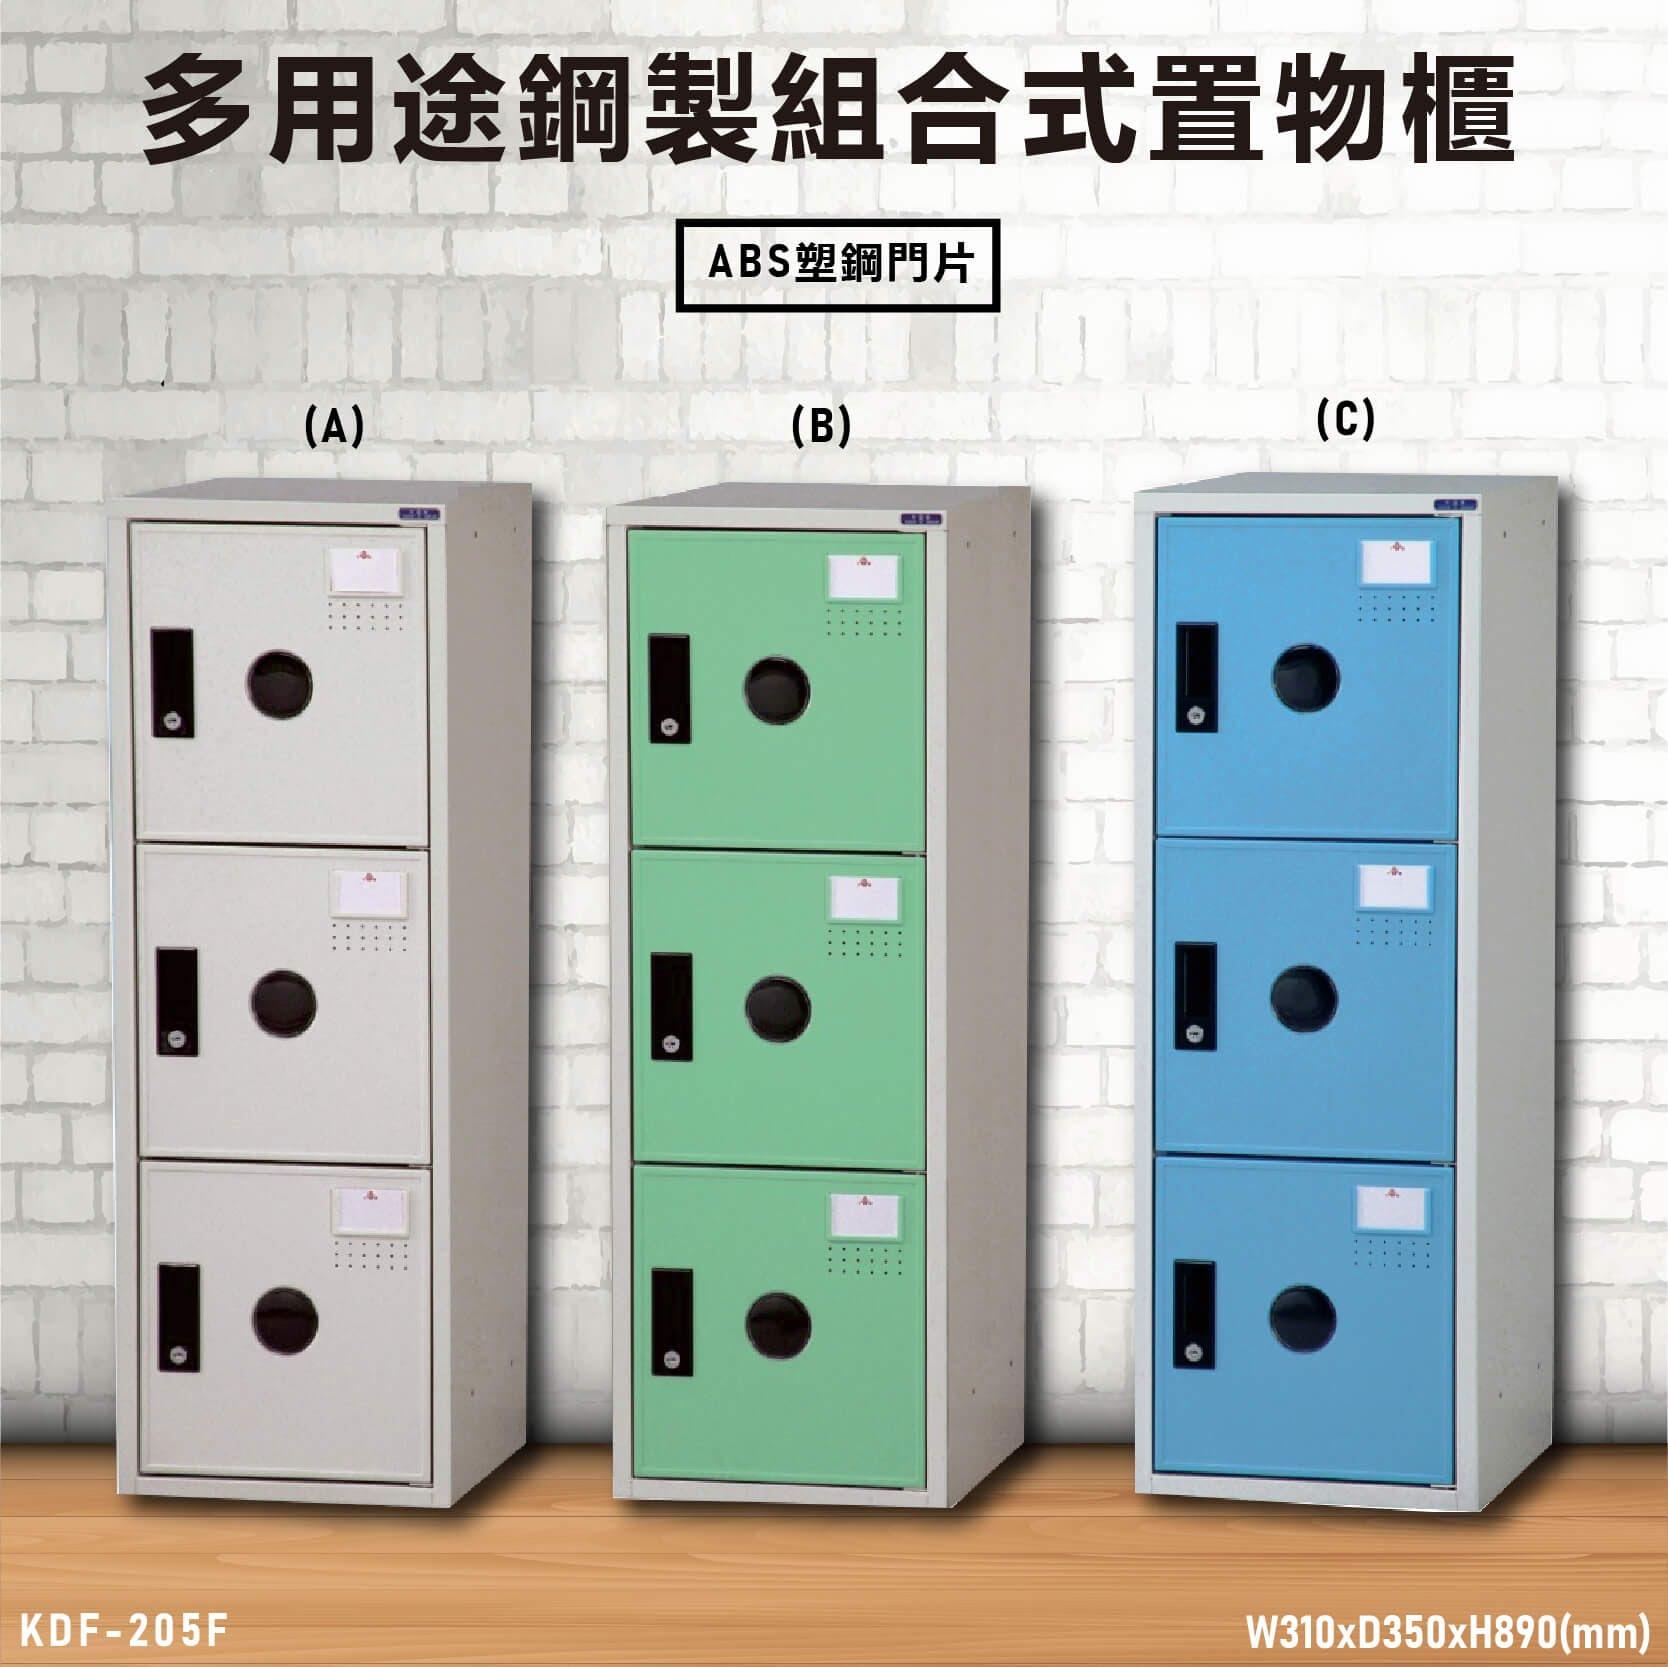 【鑰匙鎖】KDF-205F 大富 多用途鋼製組合式置物櫃~可加購更換密碼鎖 (衣櫃/鞋櫃/存放/收納/公司/宿舍/員工)